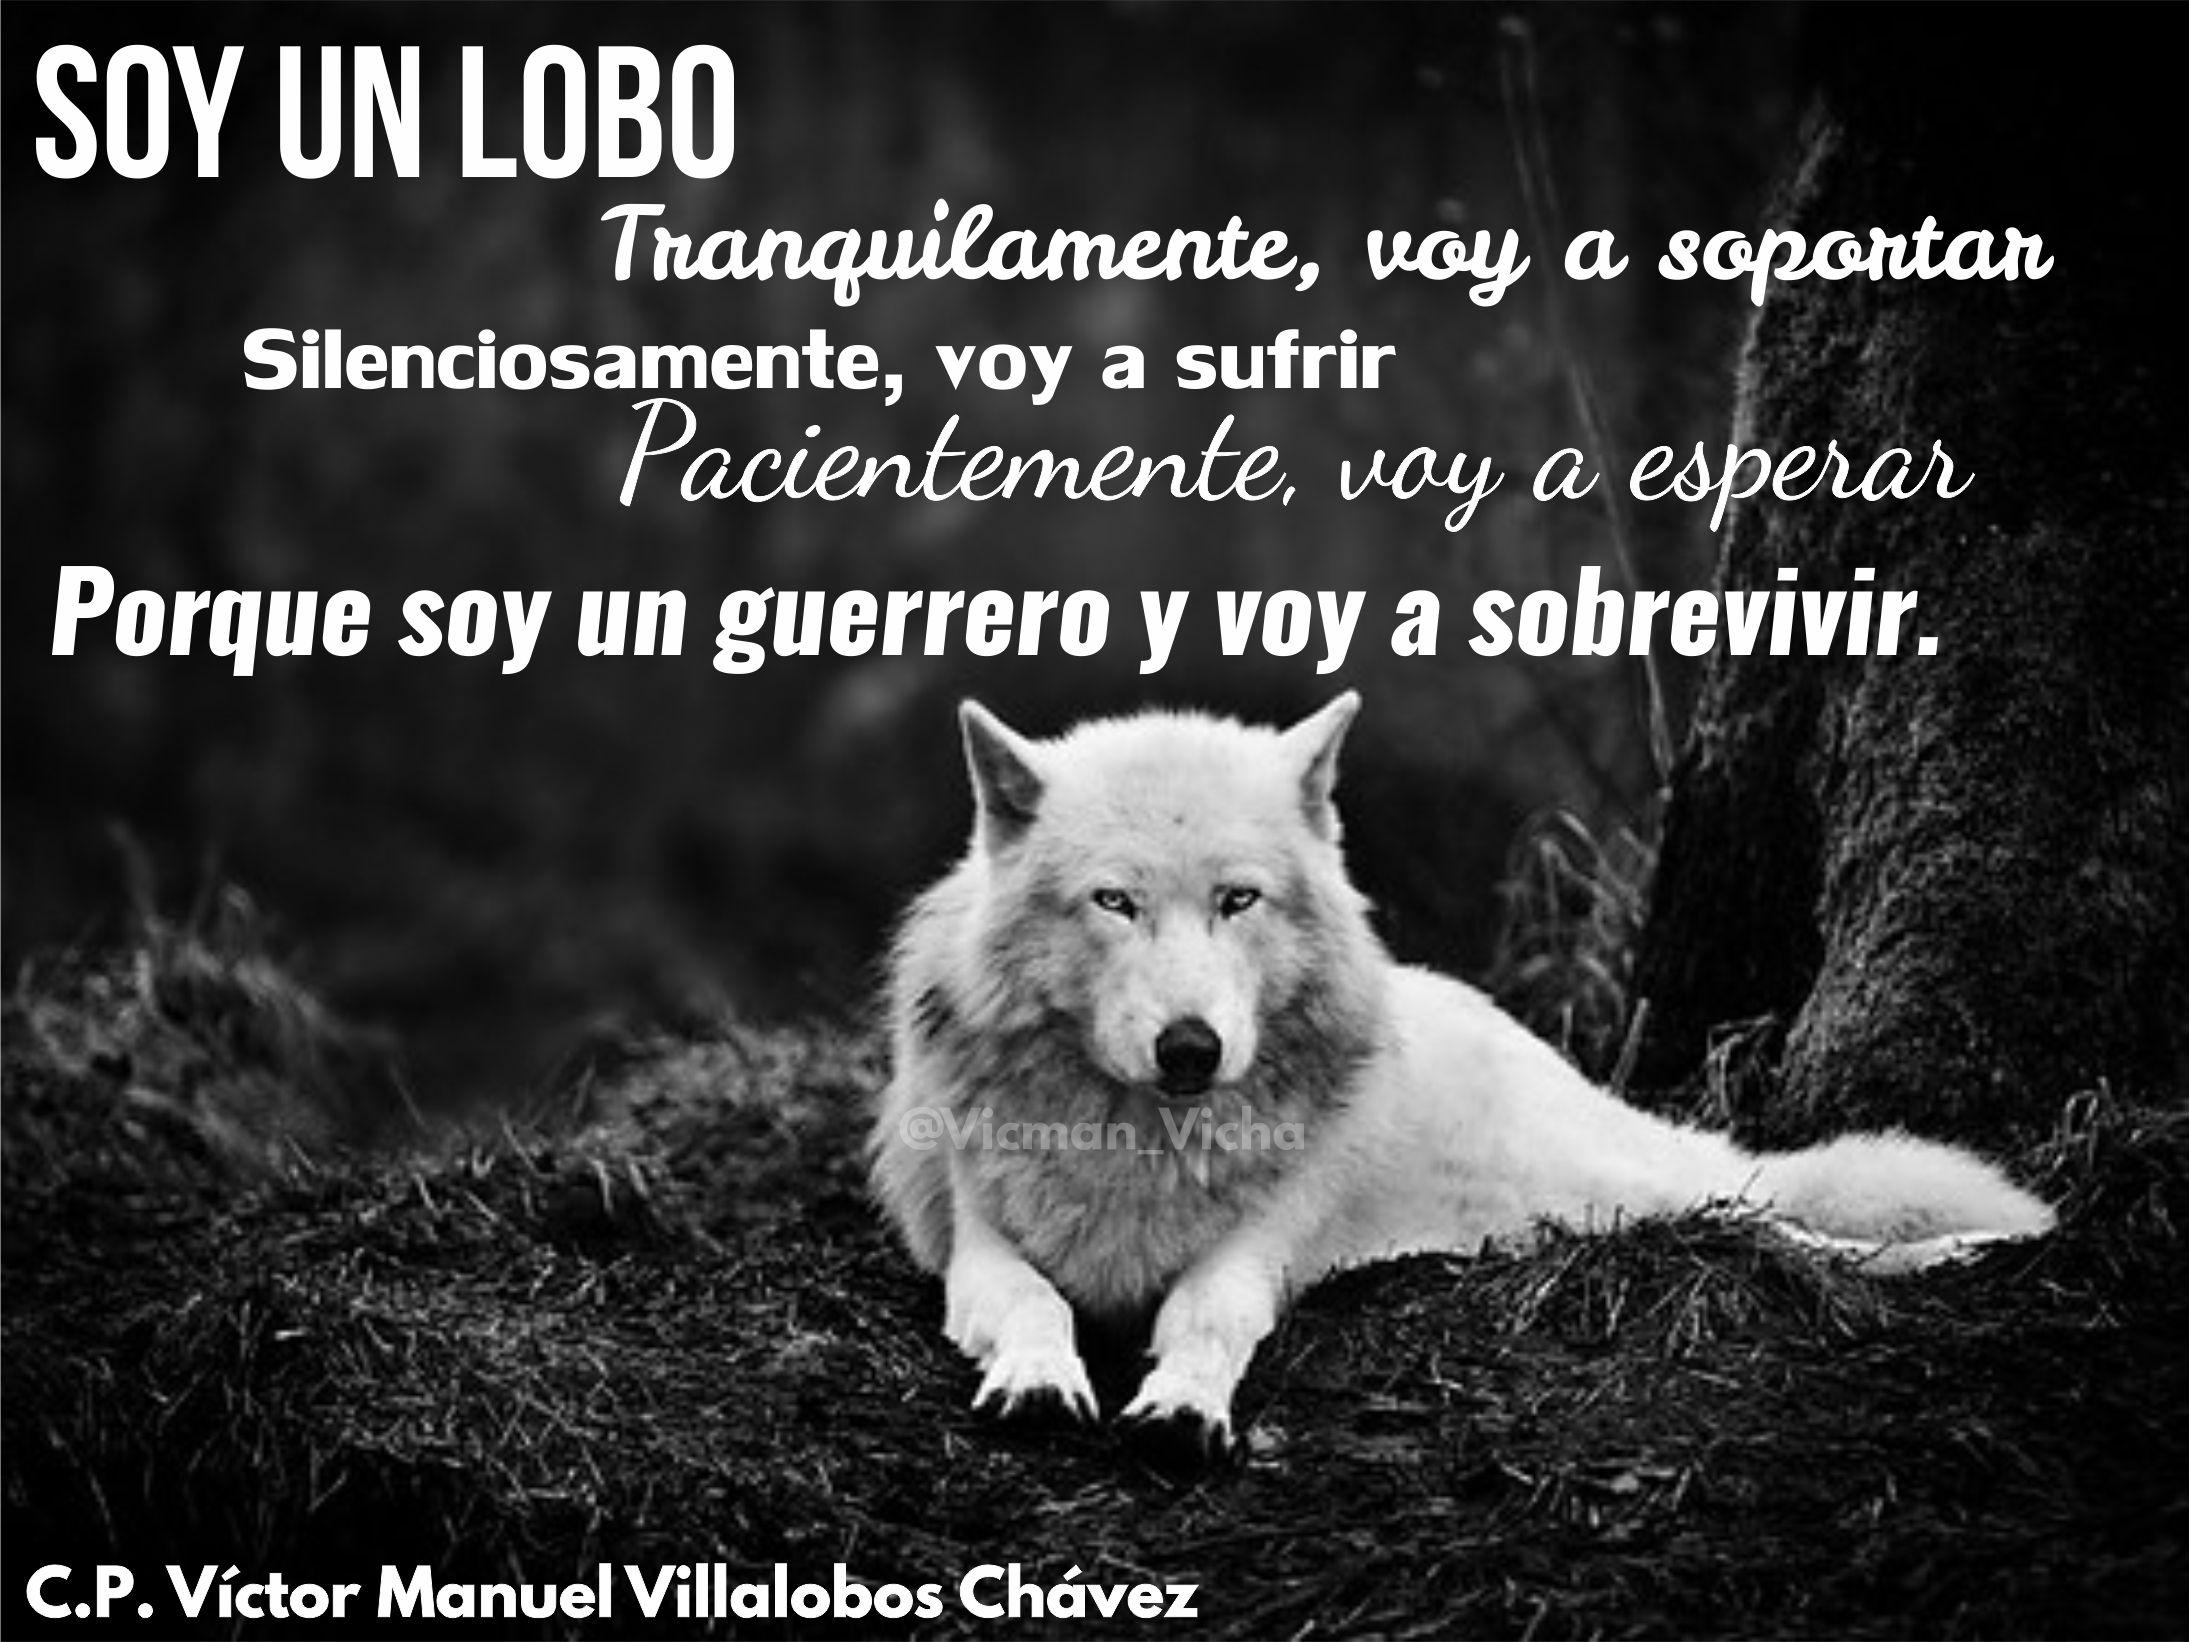 Imagenes De Lobo Para Fondo De Pantalla: Fondos De Pantallas Con Lobos Con Frases